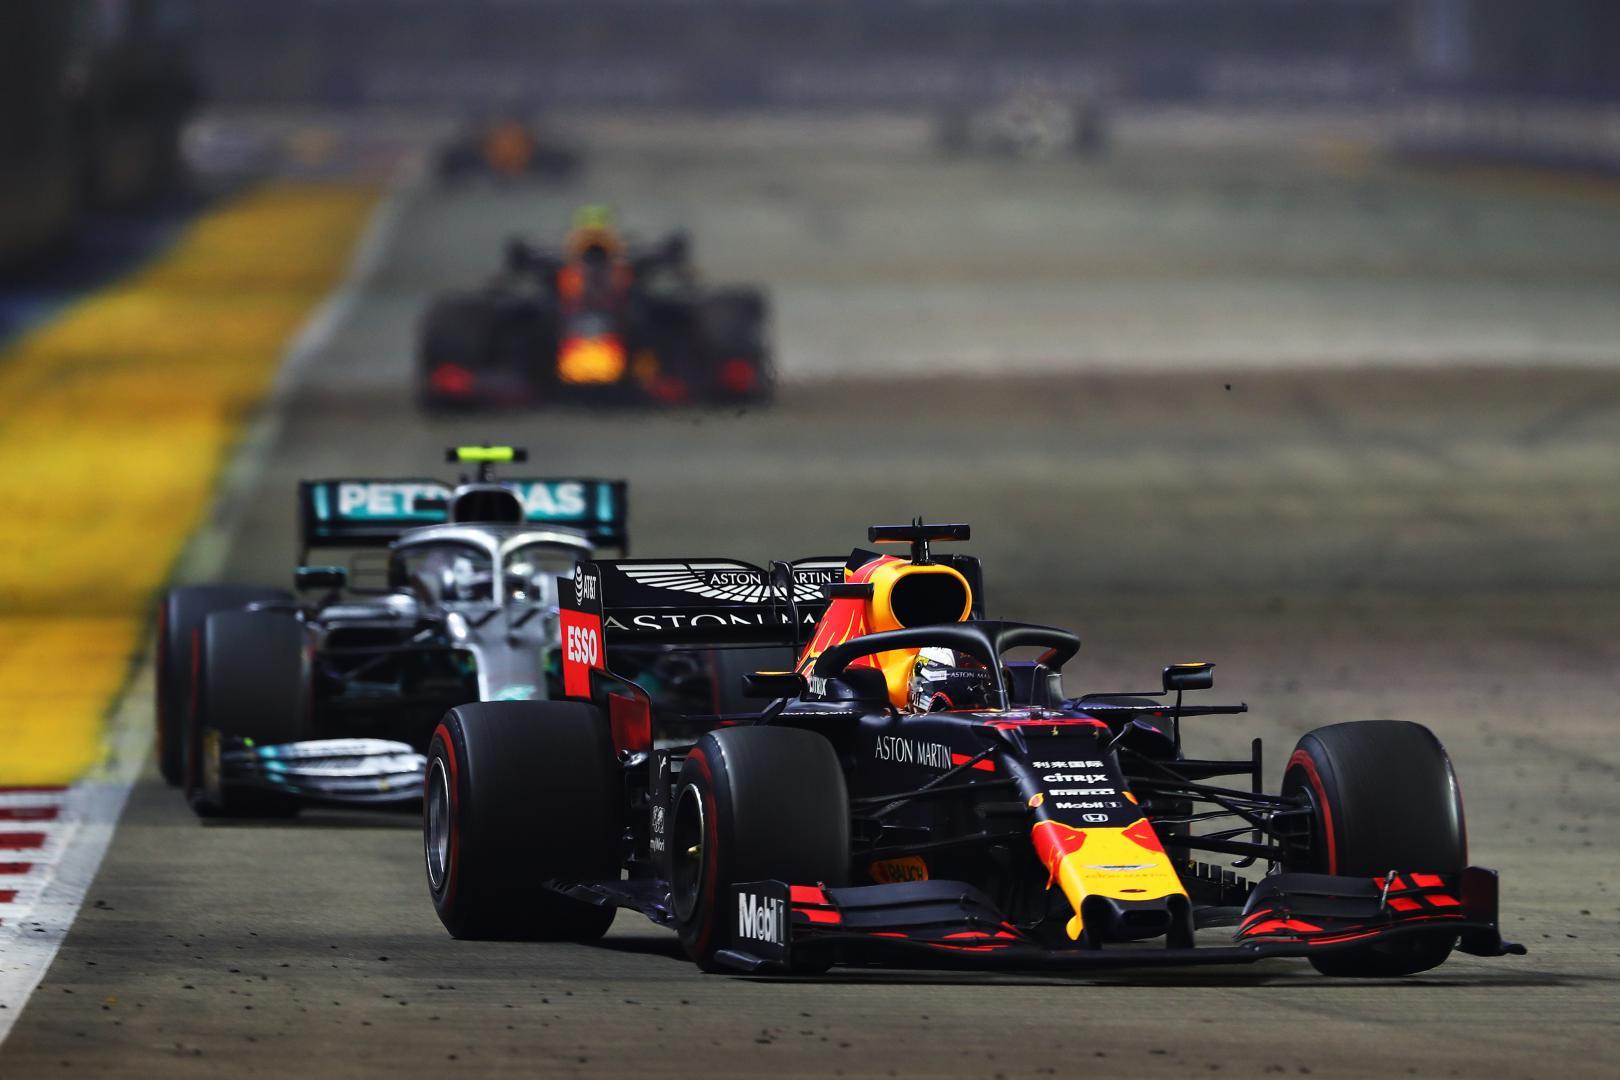 Uitslag van de GP van Singapore 2019